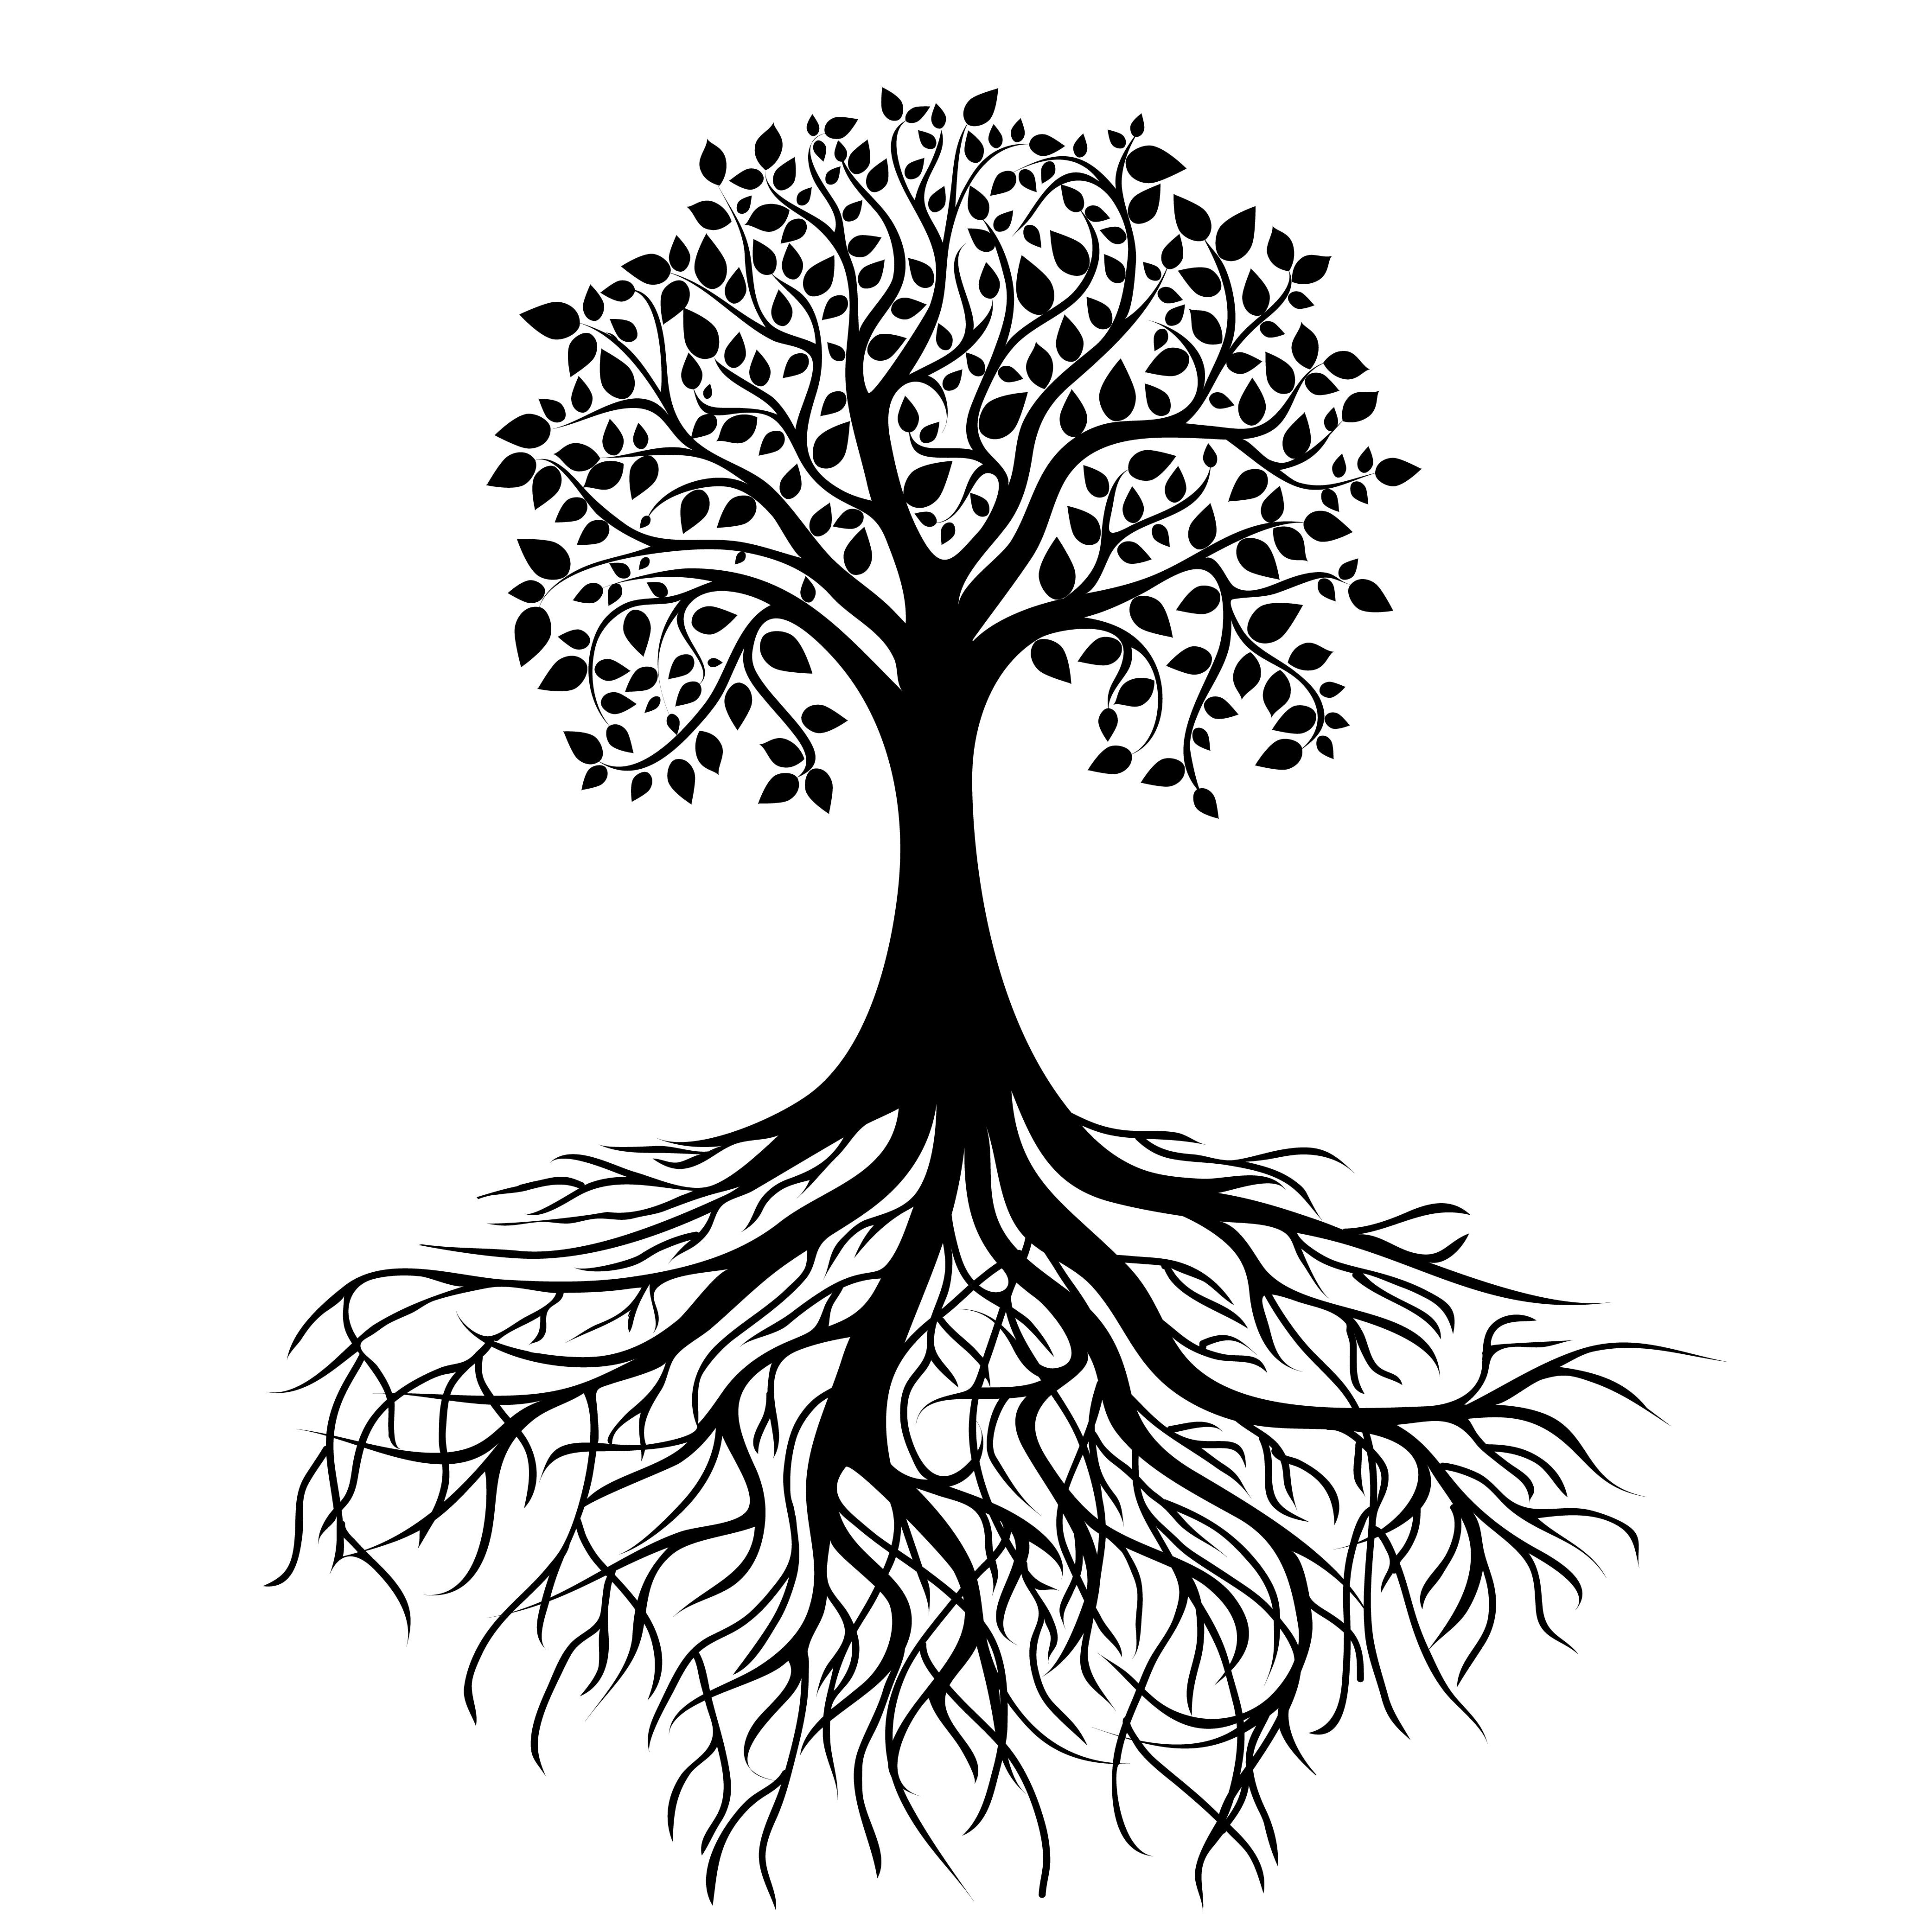 Line Art Of Tree : Oak tree line drawing clipart best